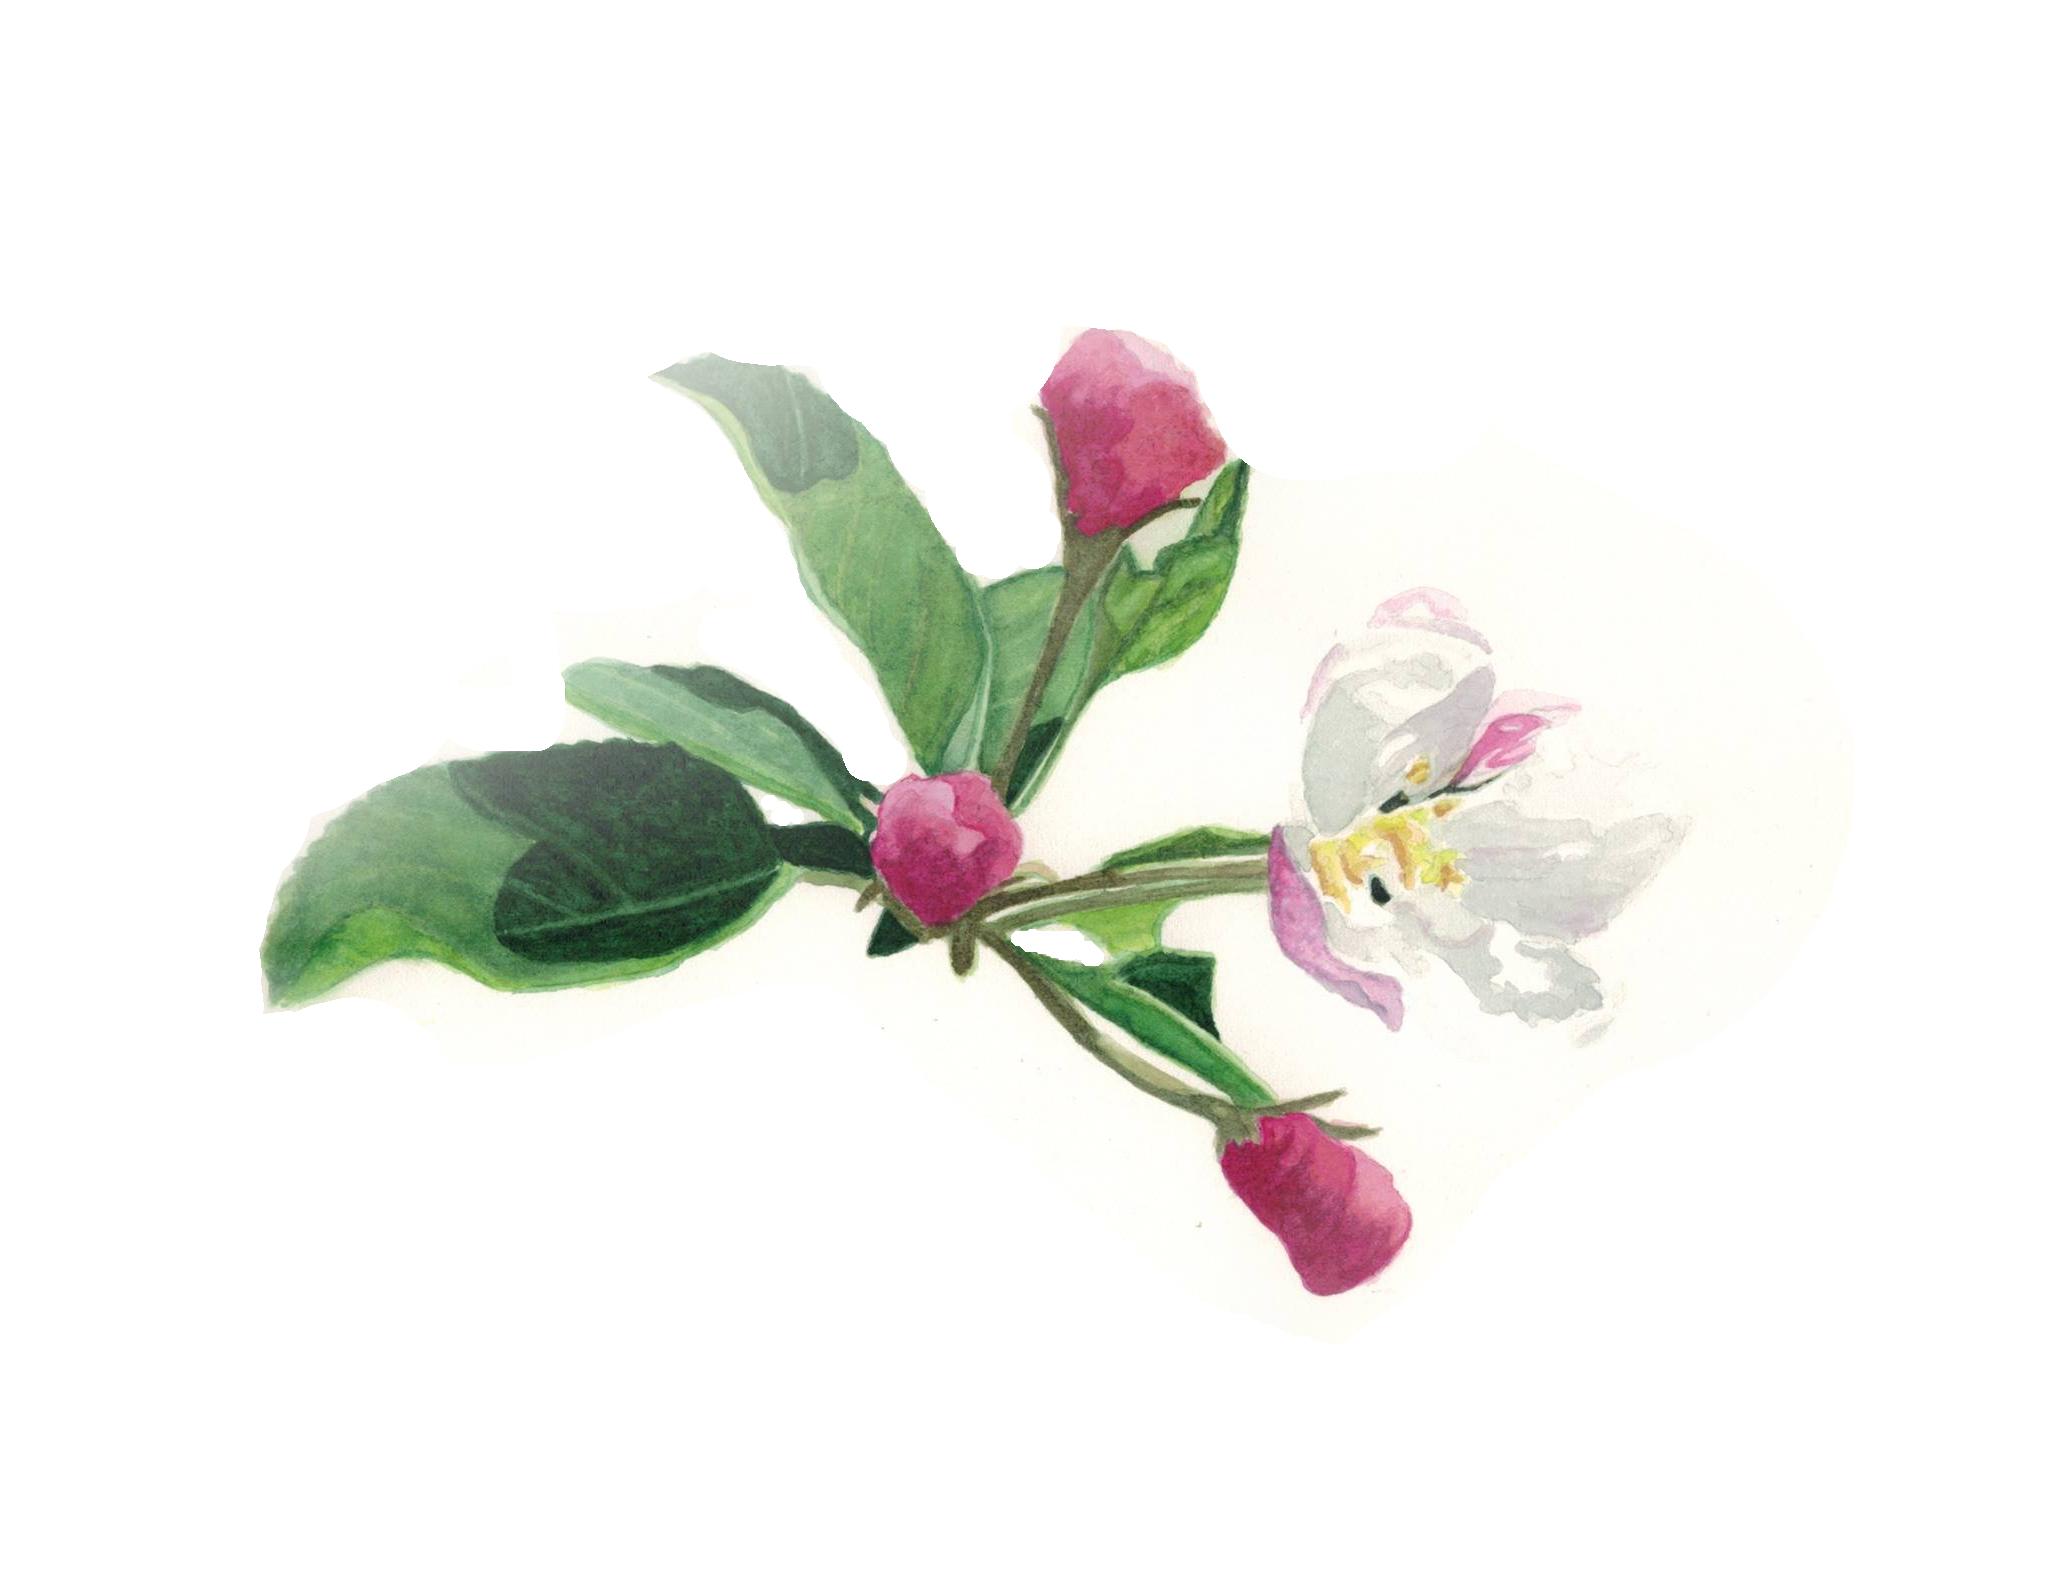 Watercolour - Apple blossom